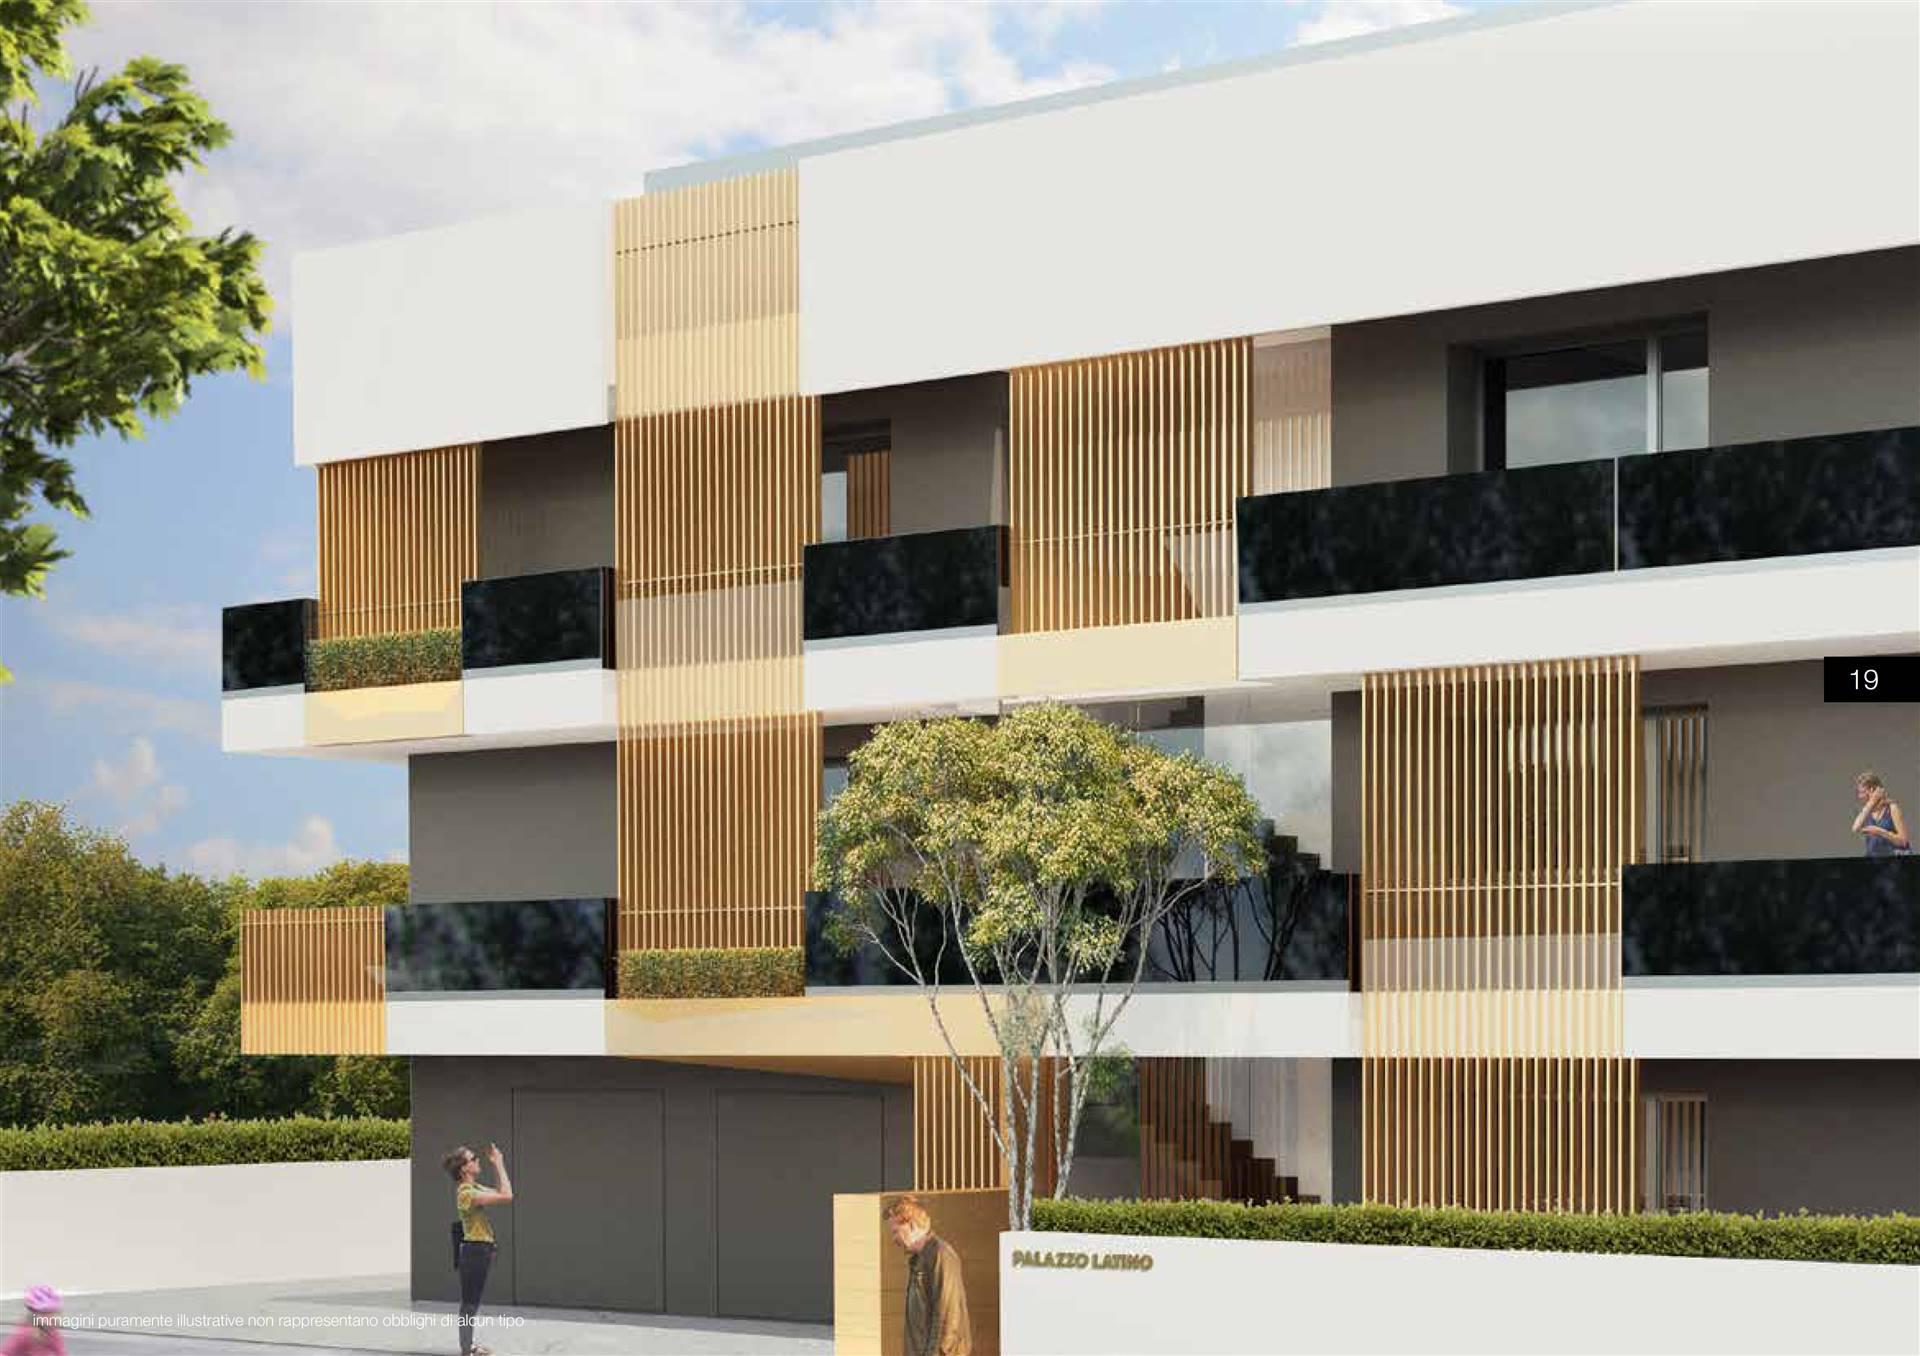 OLMO CENTRO: proponiamo in vendita appartamento di nuova costruzione in un condominio di sole 6 unità abitative, in una tranquilla zona residenziale